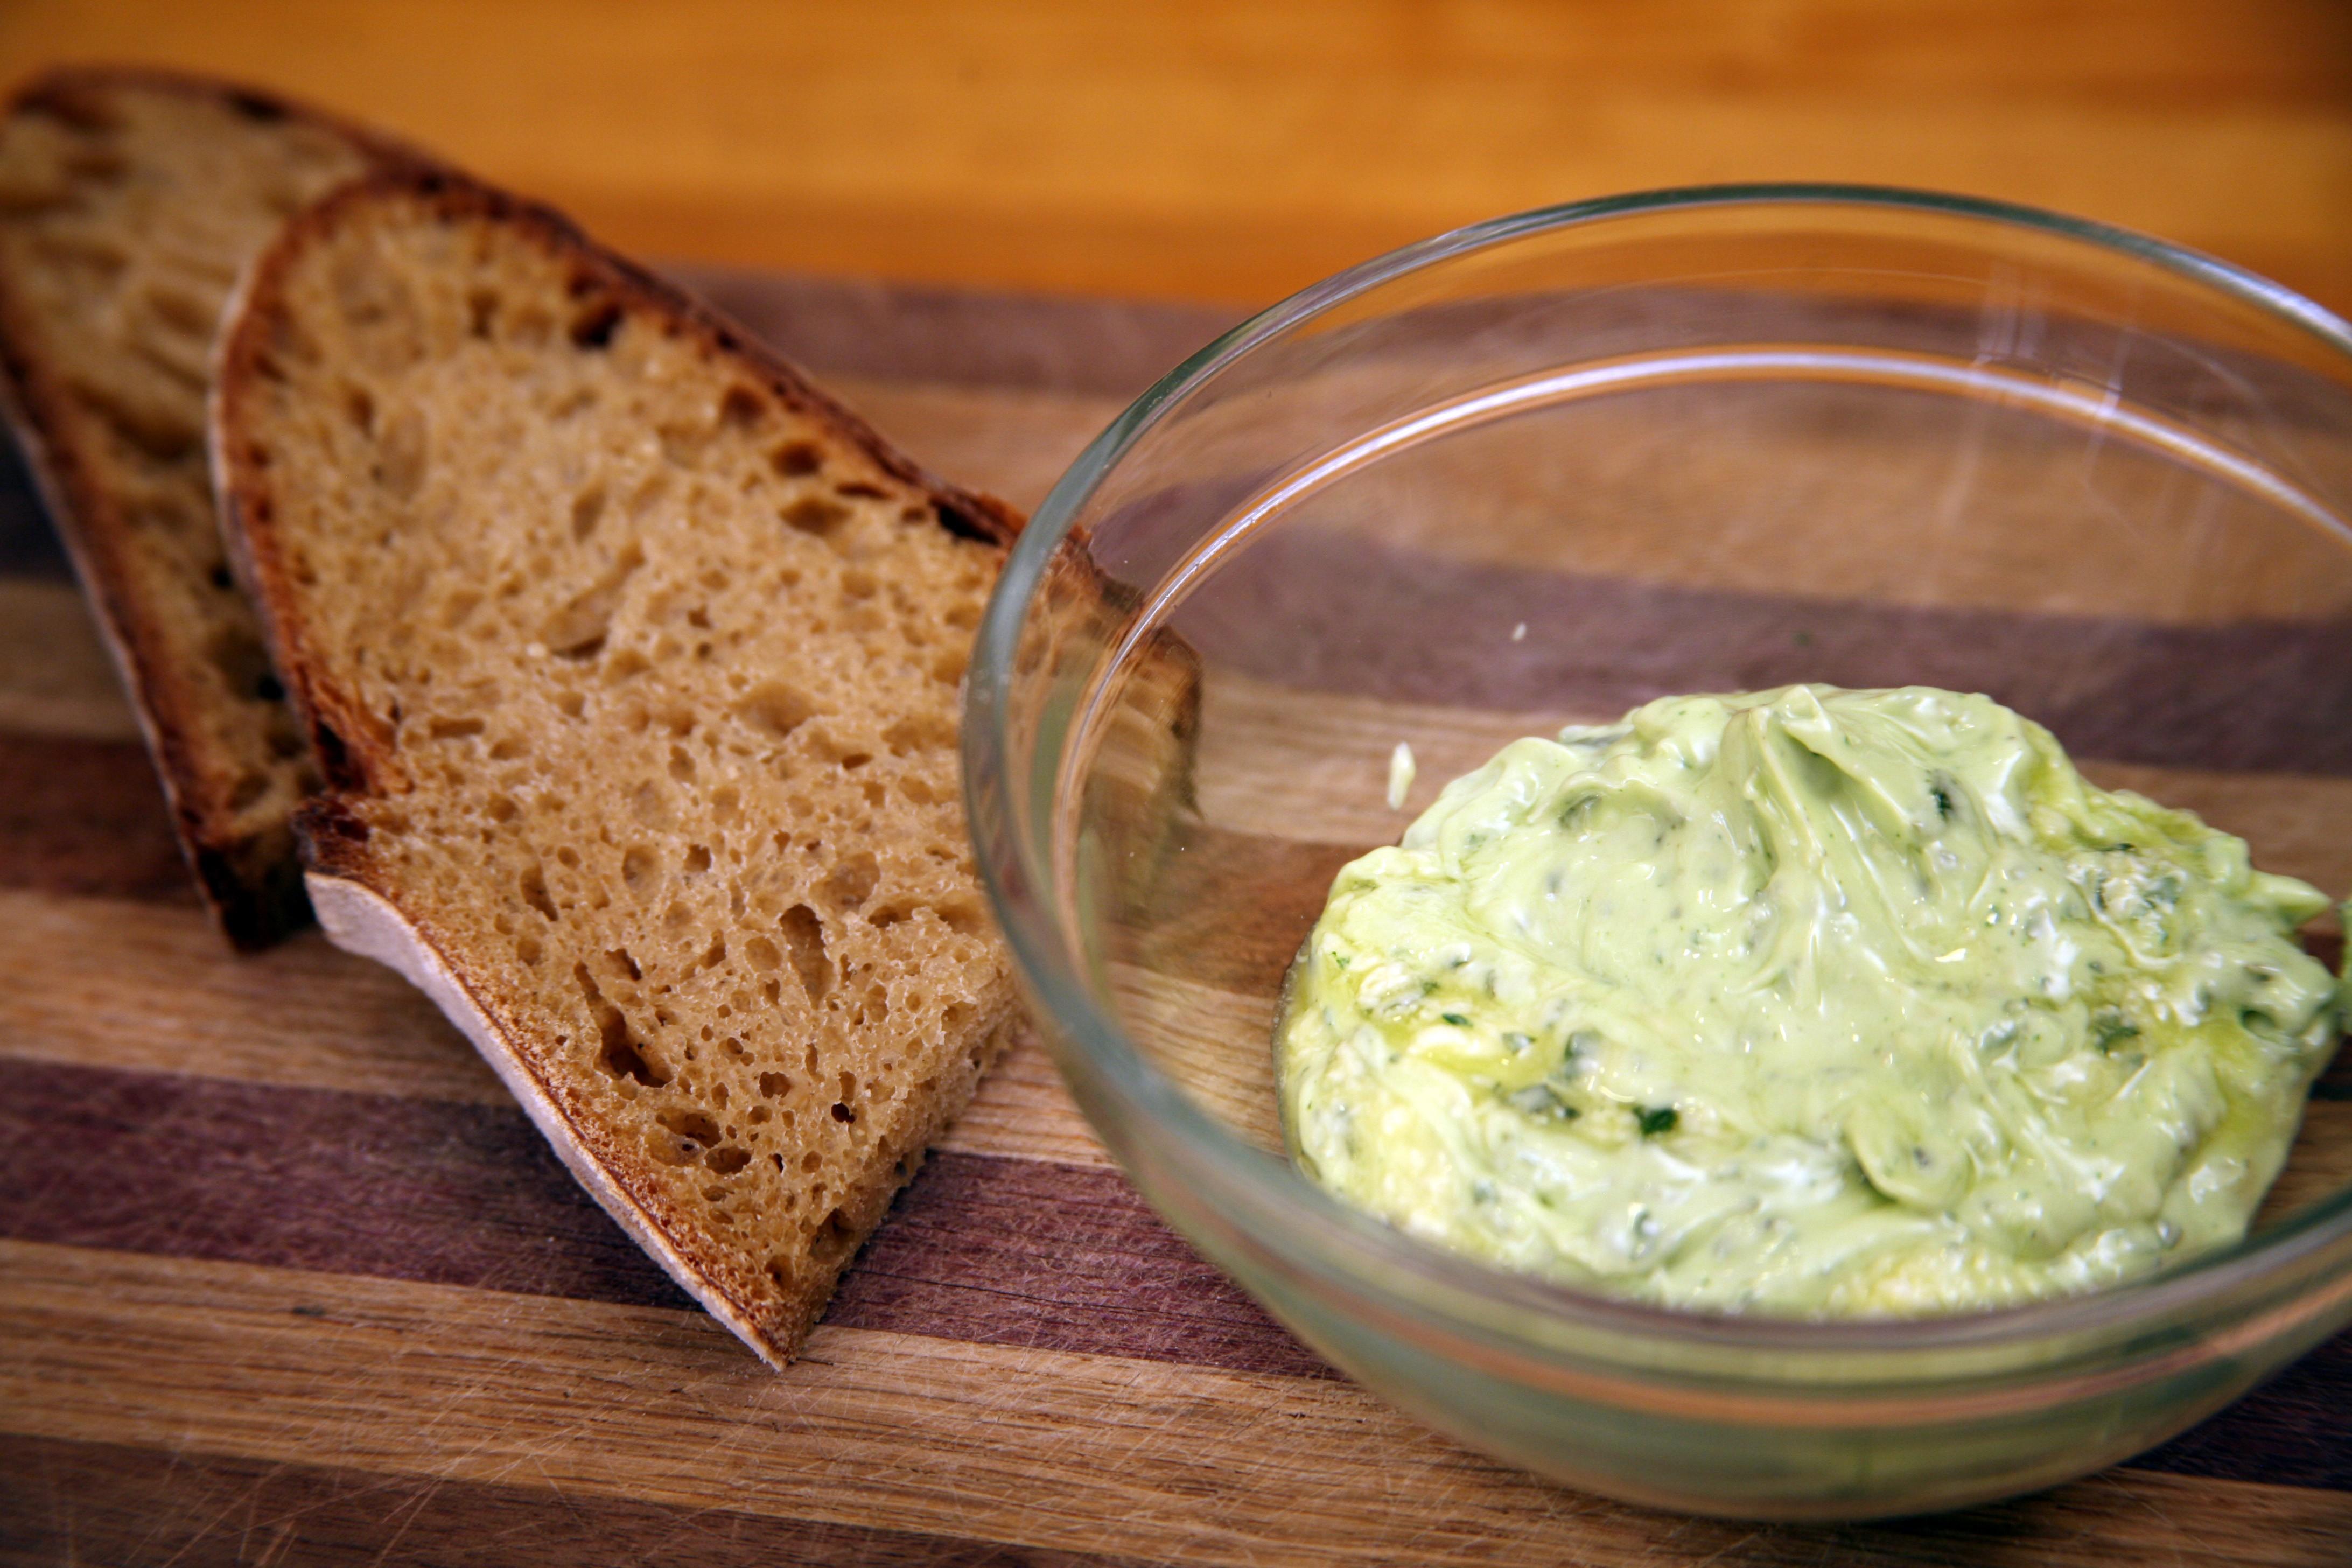 Olive Oil/Butter Blend